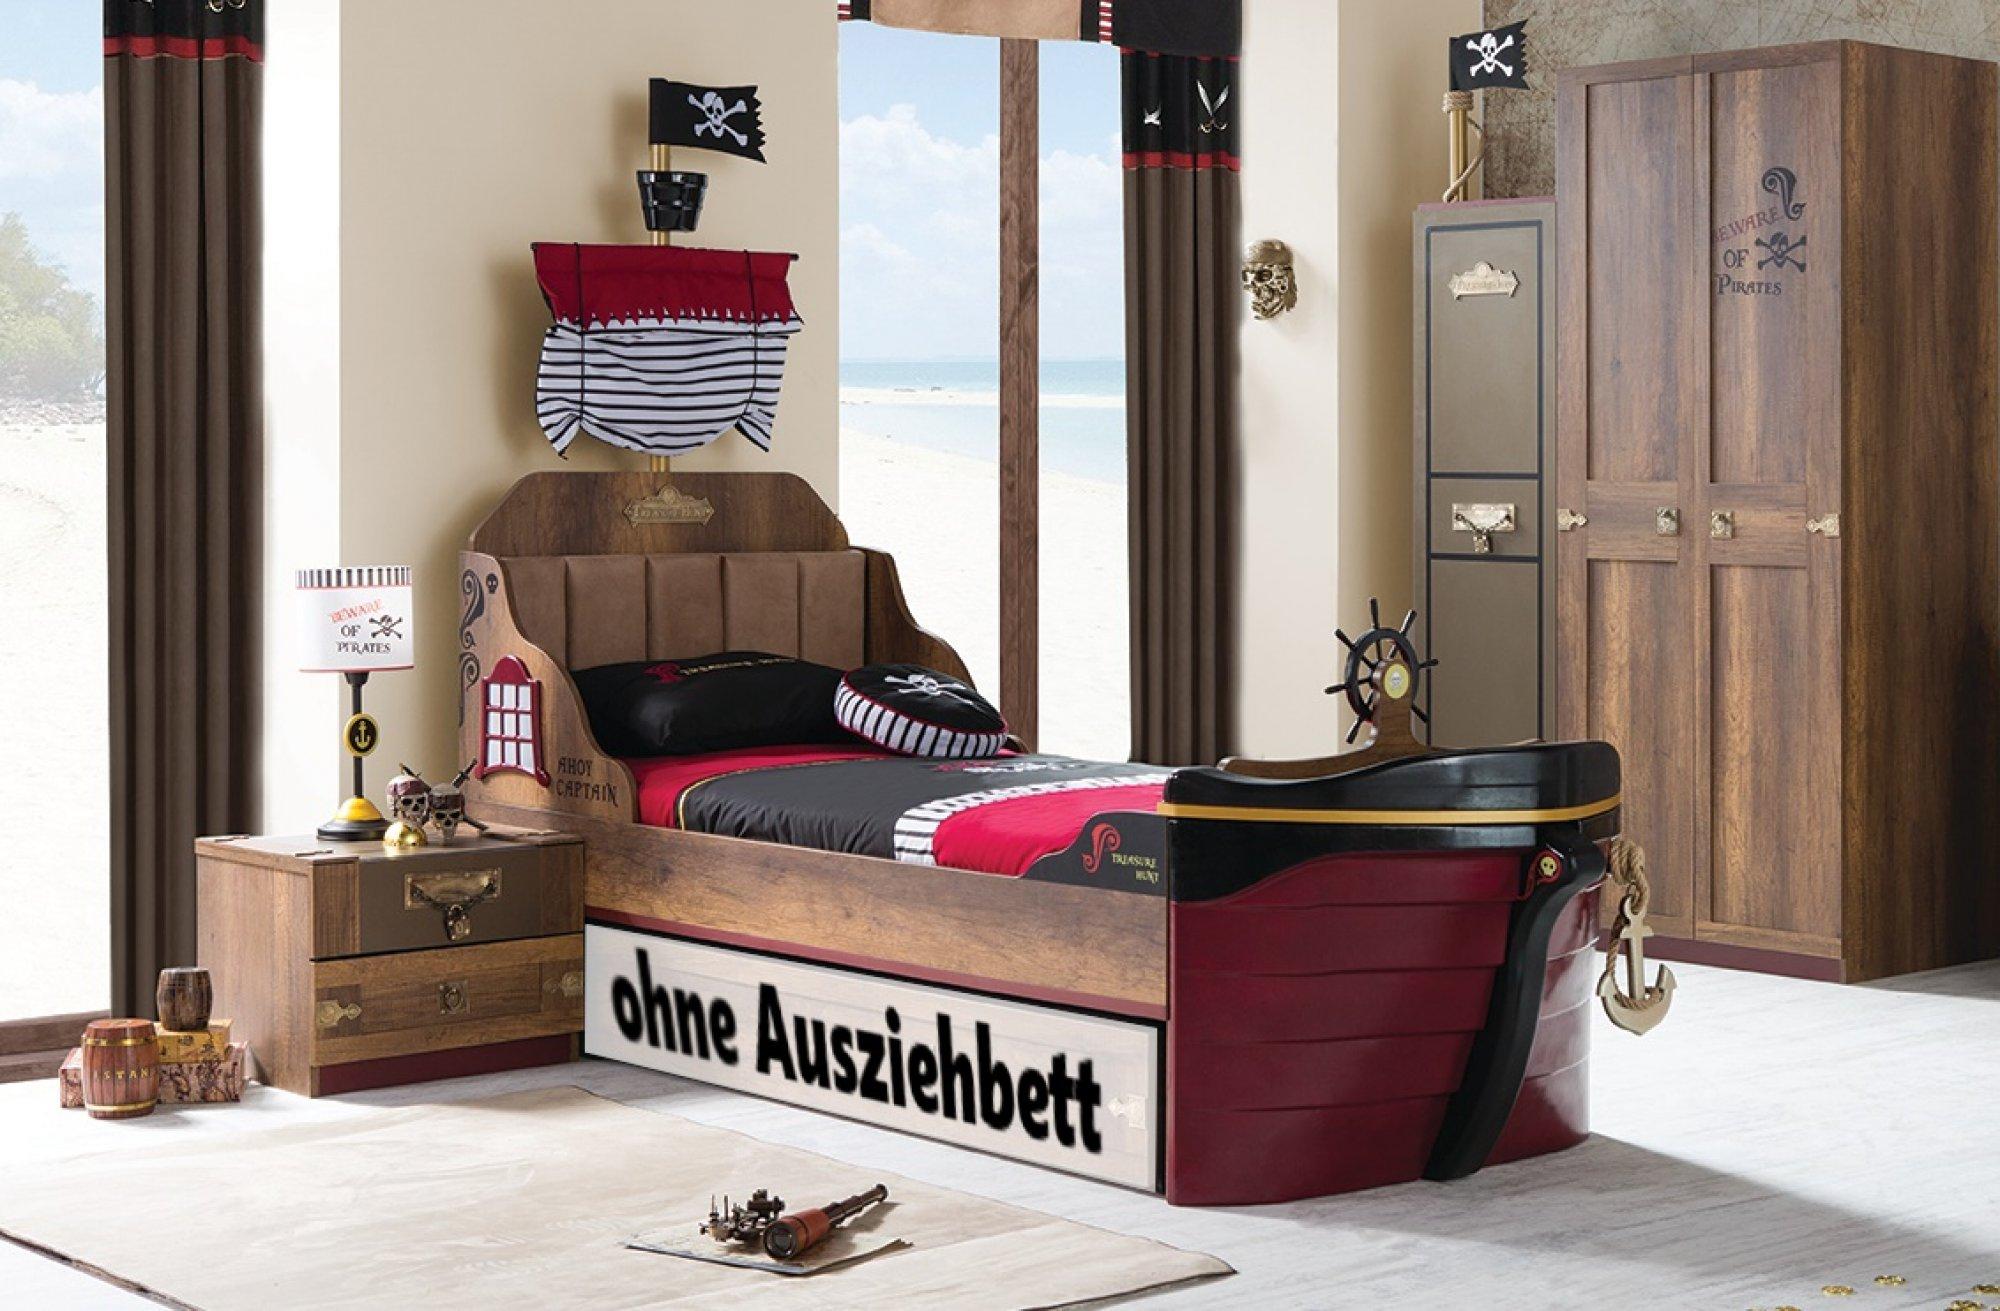 Full Size of Kinderzimmer Günstig Italienische Barockmbel Sicher Und Schnell Online Gnstig Günstiges Sofa Betten Kaufen 180x200 Günstige Fenster Bett Küche Xxl Regal Kinderzimmer Kinderzimmer Günstig